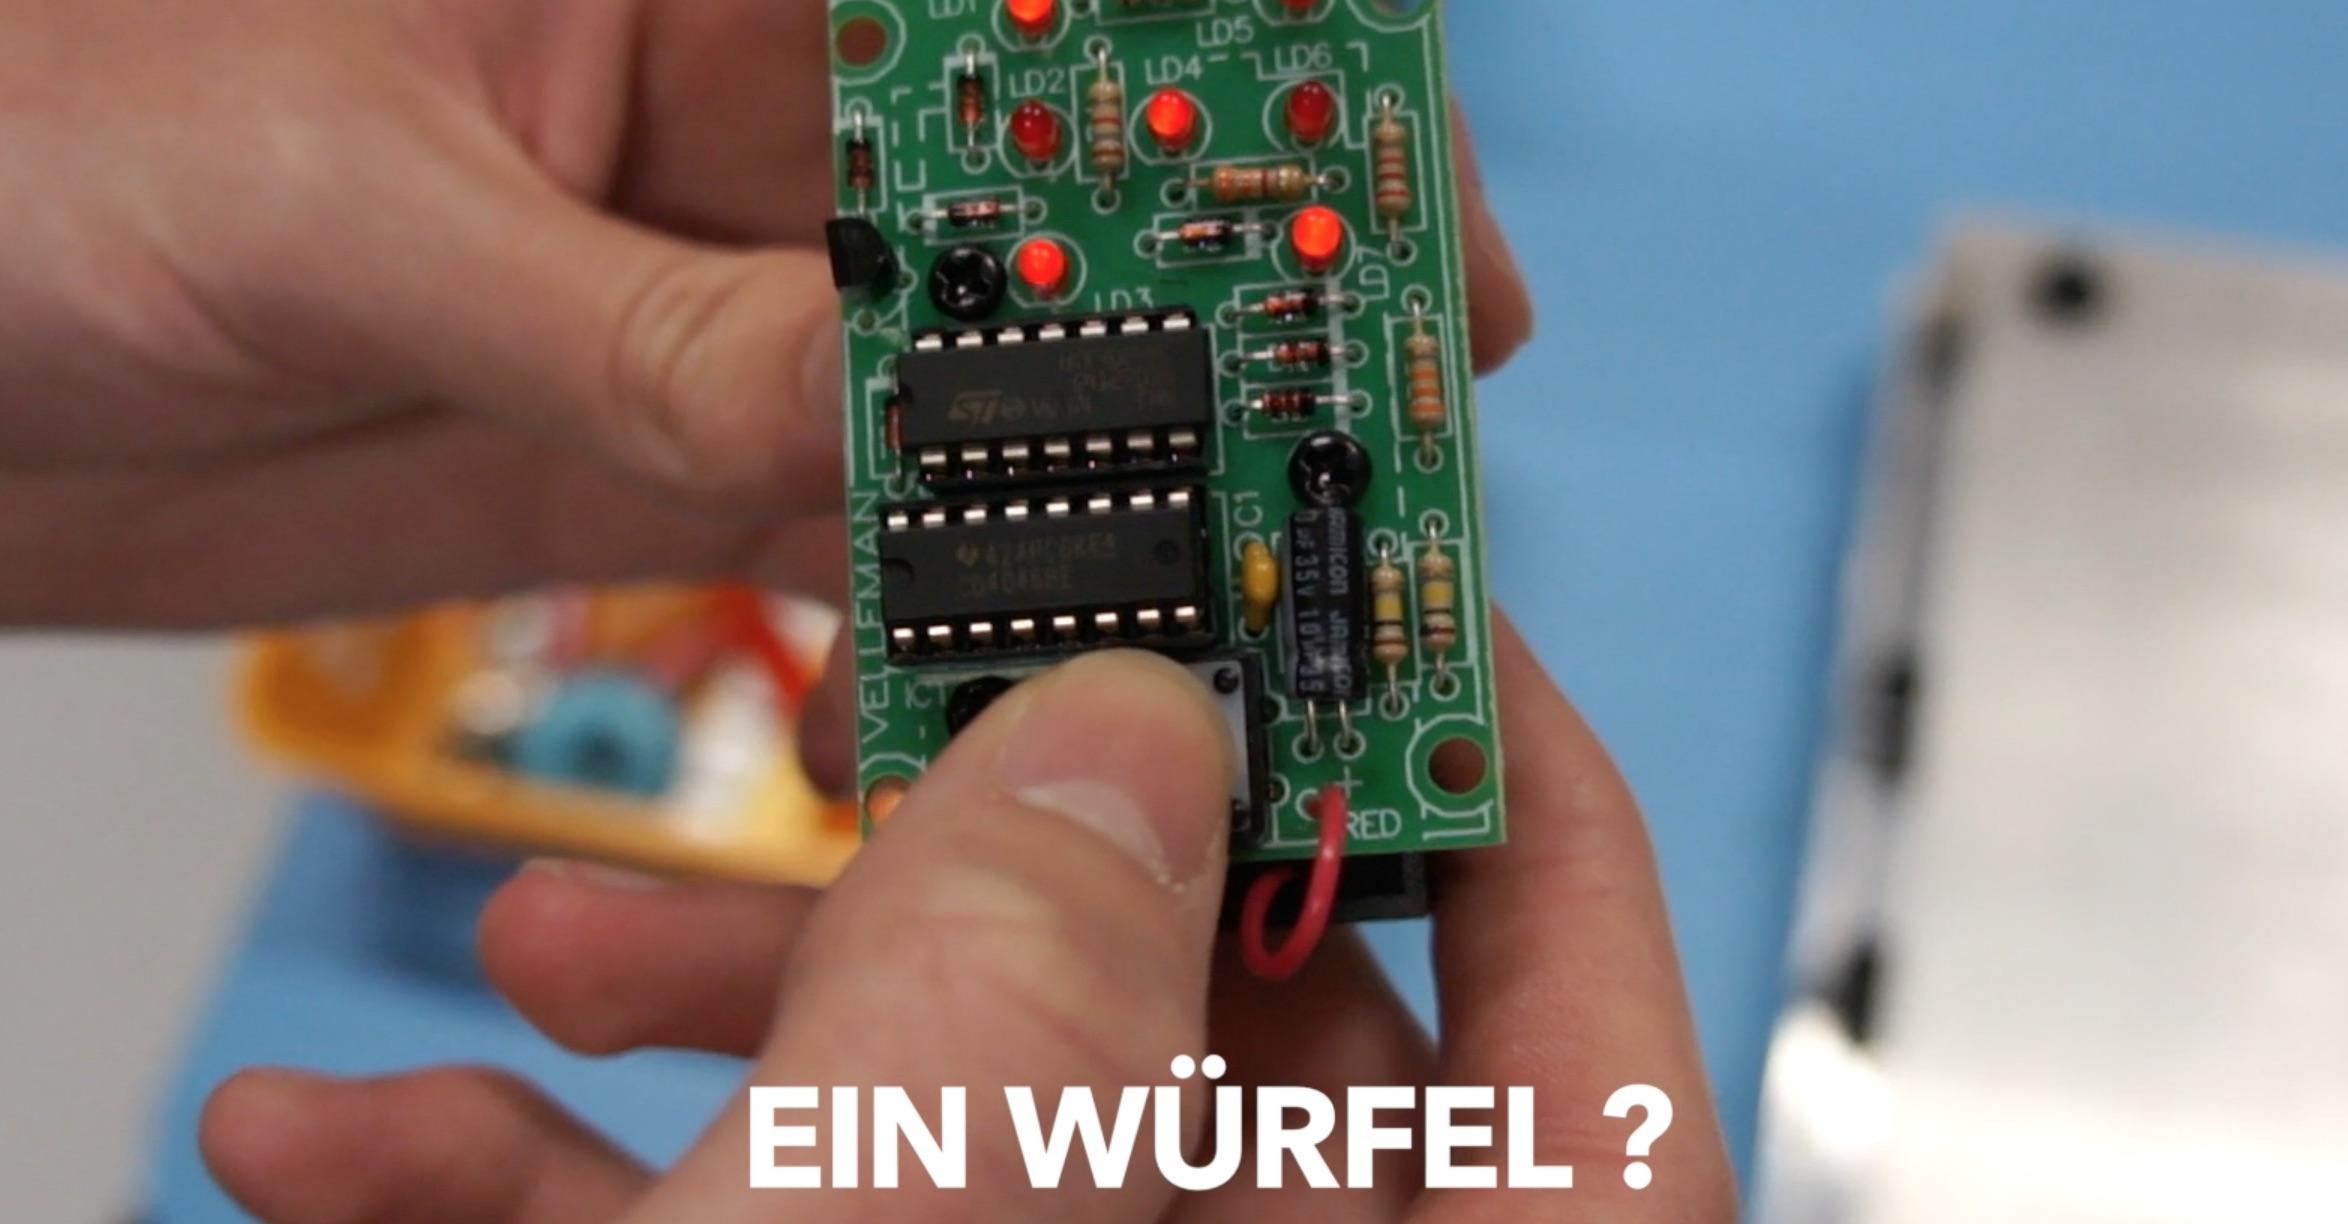 http://industrienacht.ch/wp-content/uploads/2015/12/Ein-Würfel-.jpg